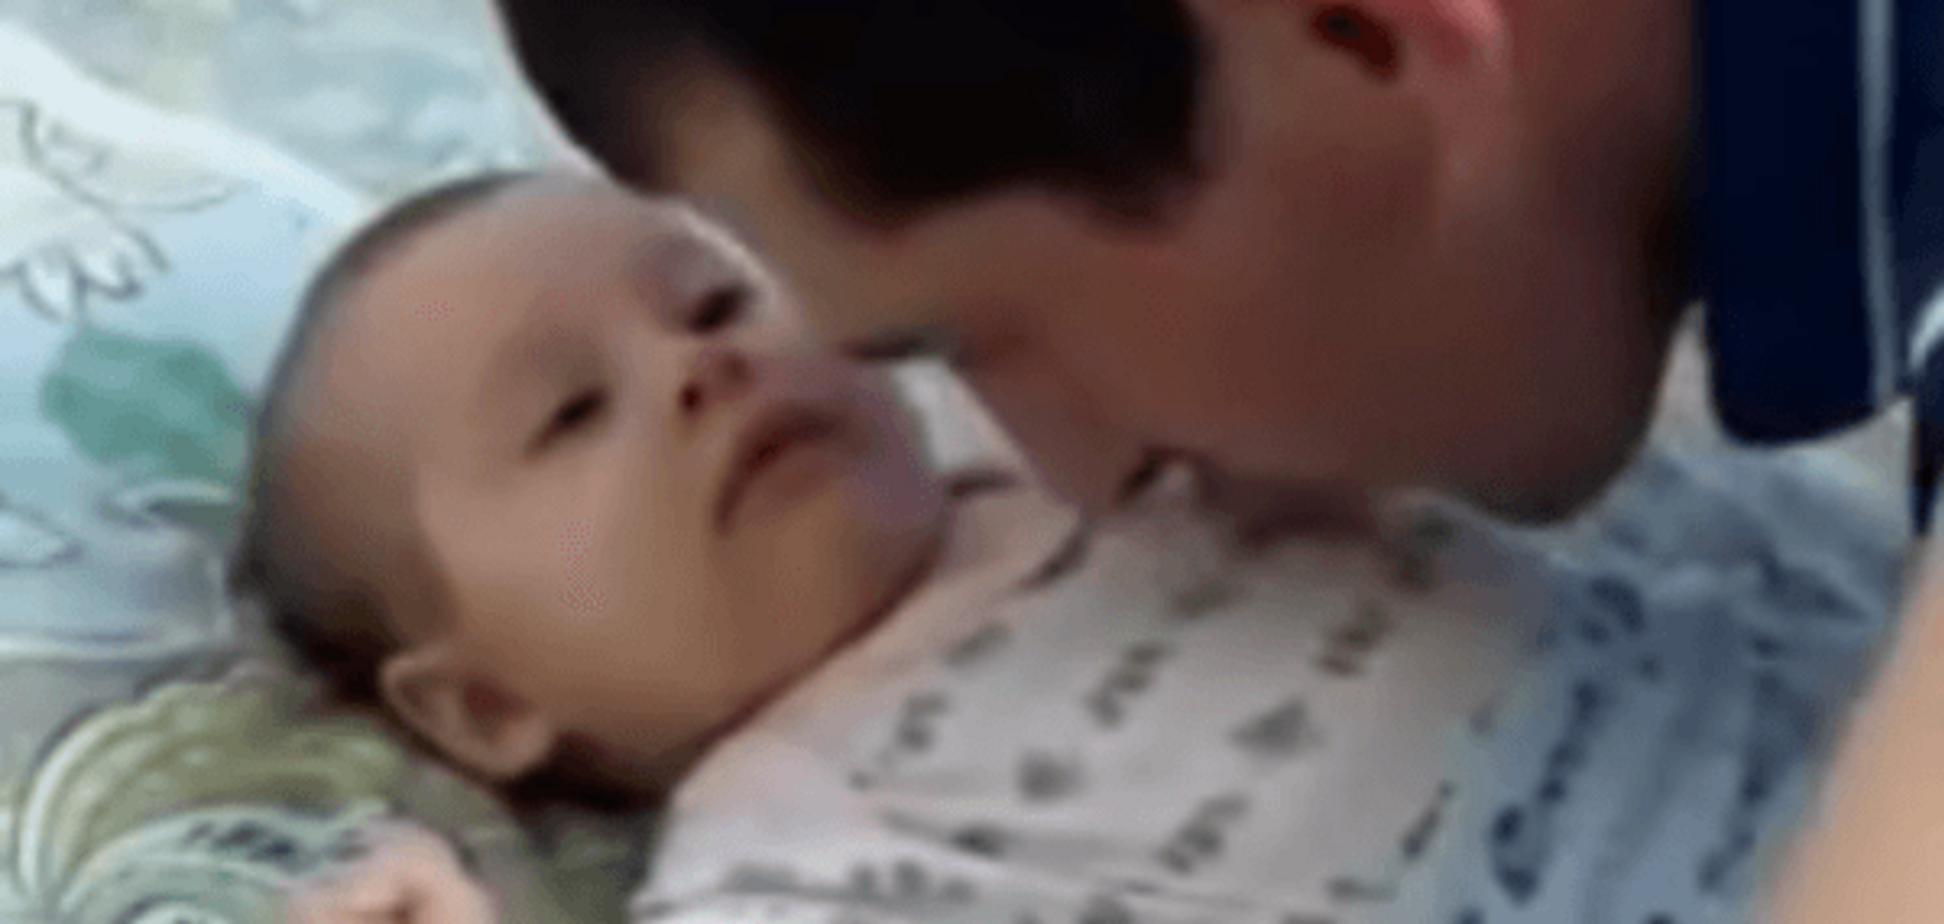 Волшебный поцелуй: сеть 'взорвало' видео с нежным папой и сонным малышом